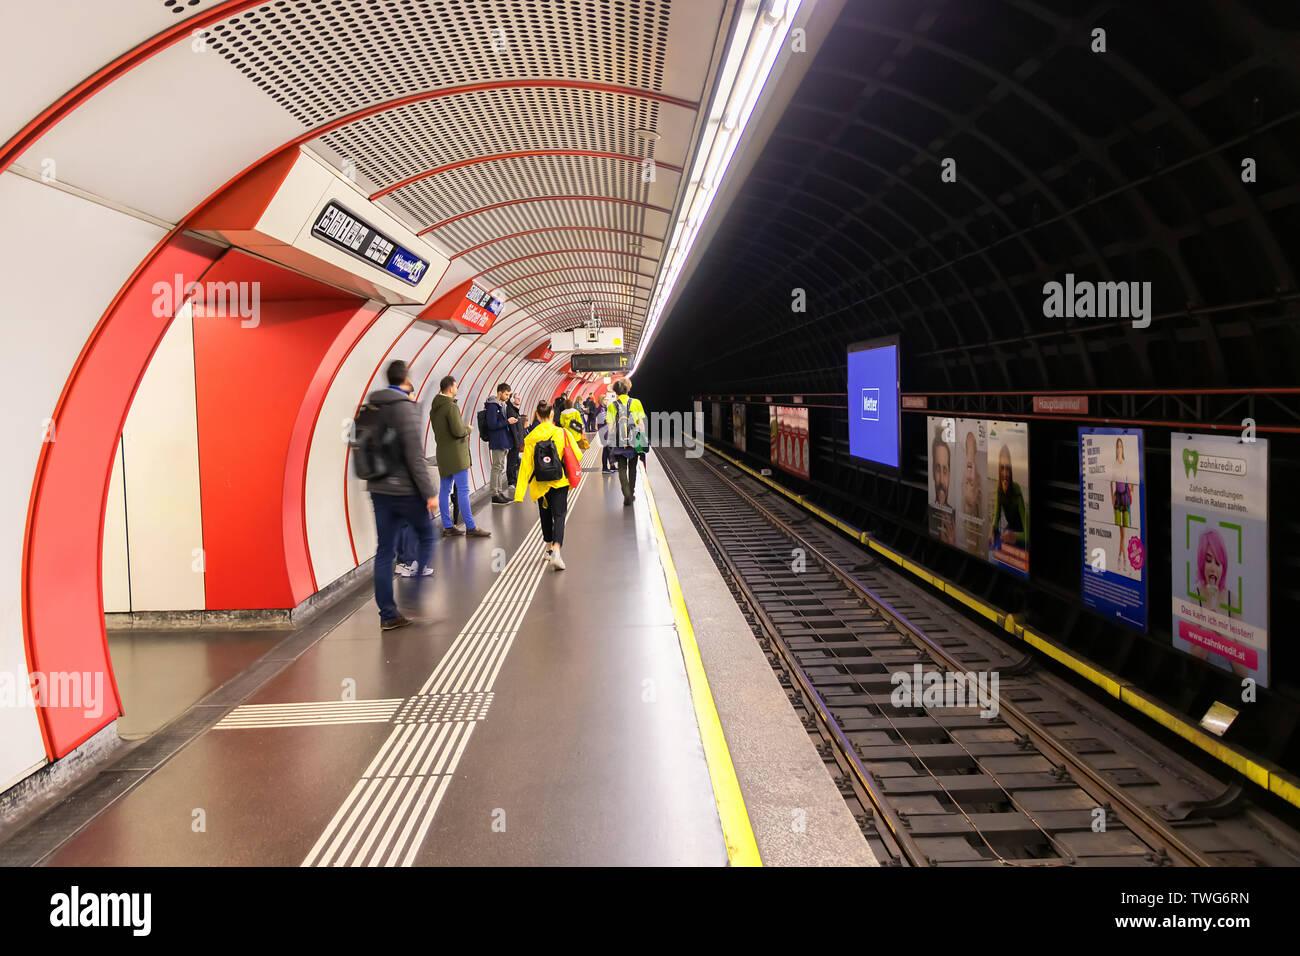 Vienna, Austria - May 23, 2019: Platform on the underground in Vienna. Vienna public transport, Wiener Linien, operates five underground lines - Stock Image